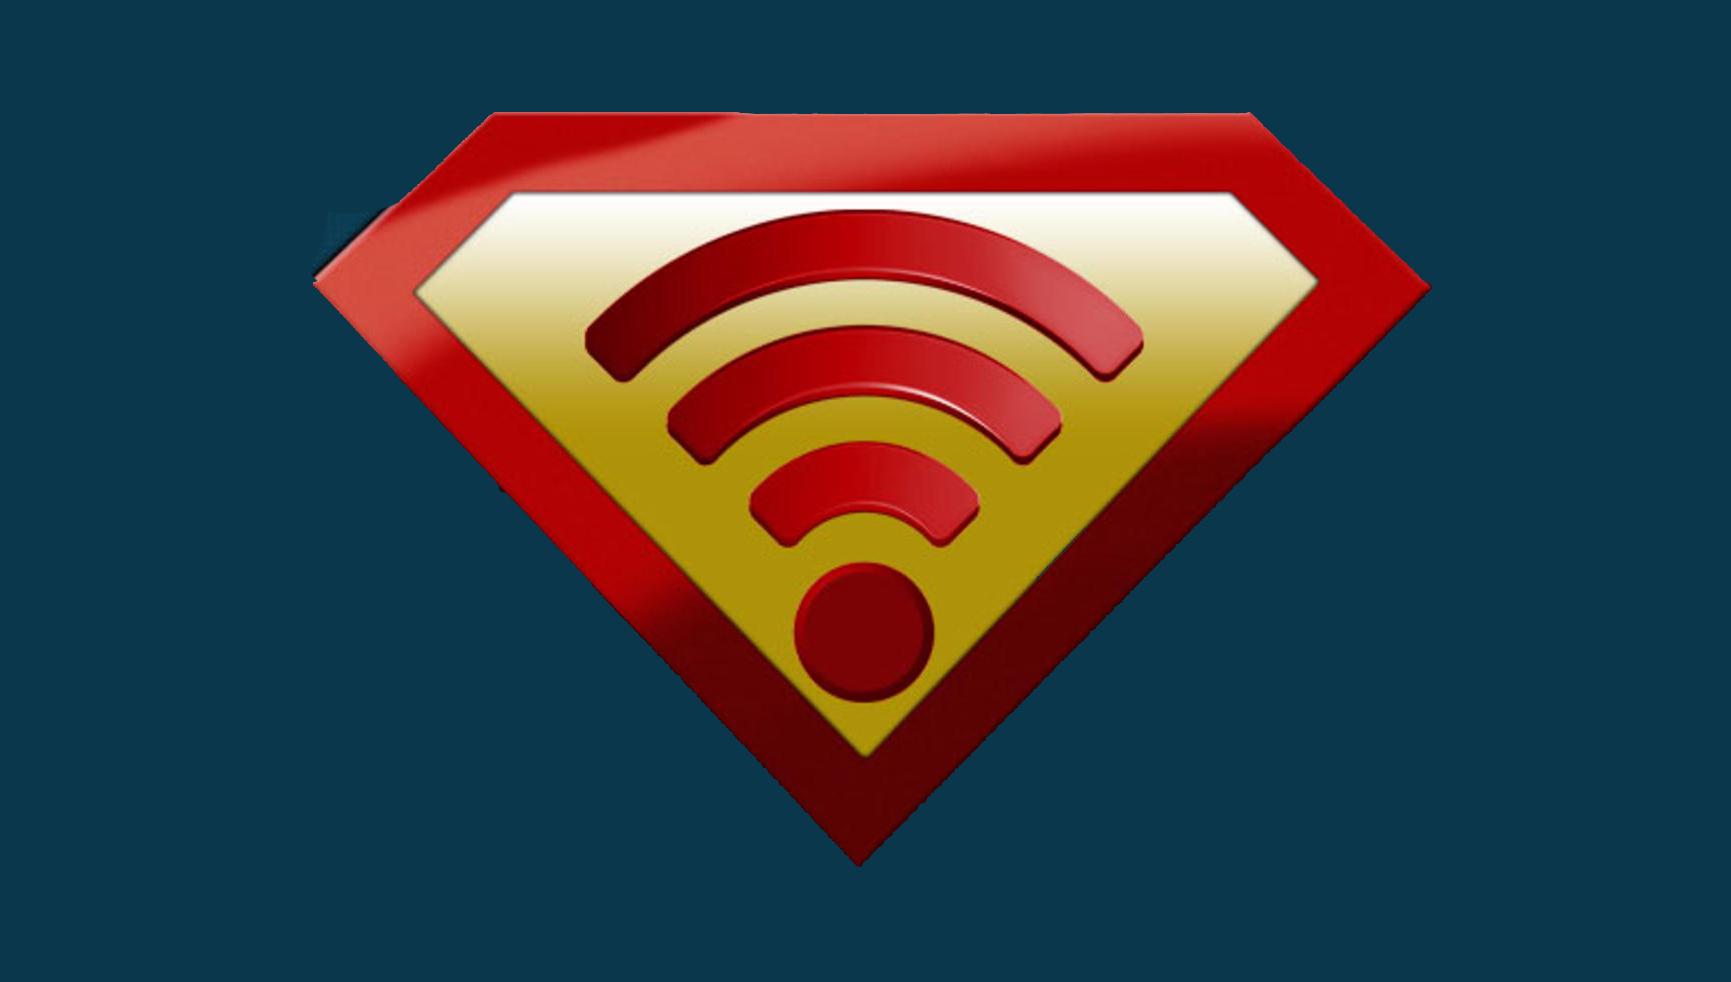 10 Trucchi per migliorare il segnale Wifi e renderlo più veloce